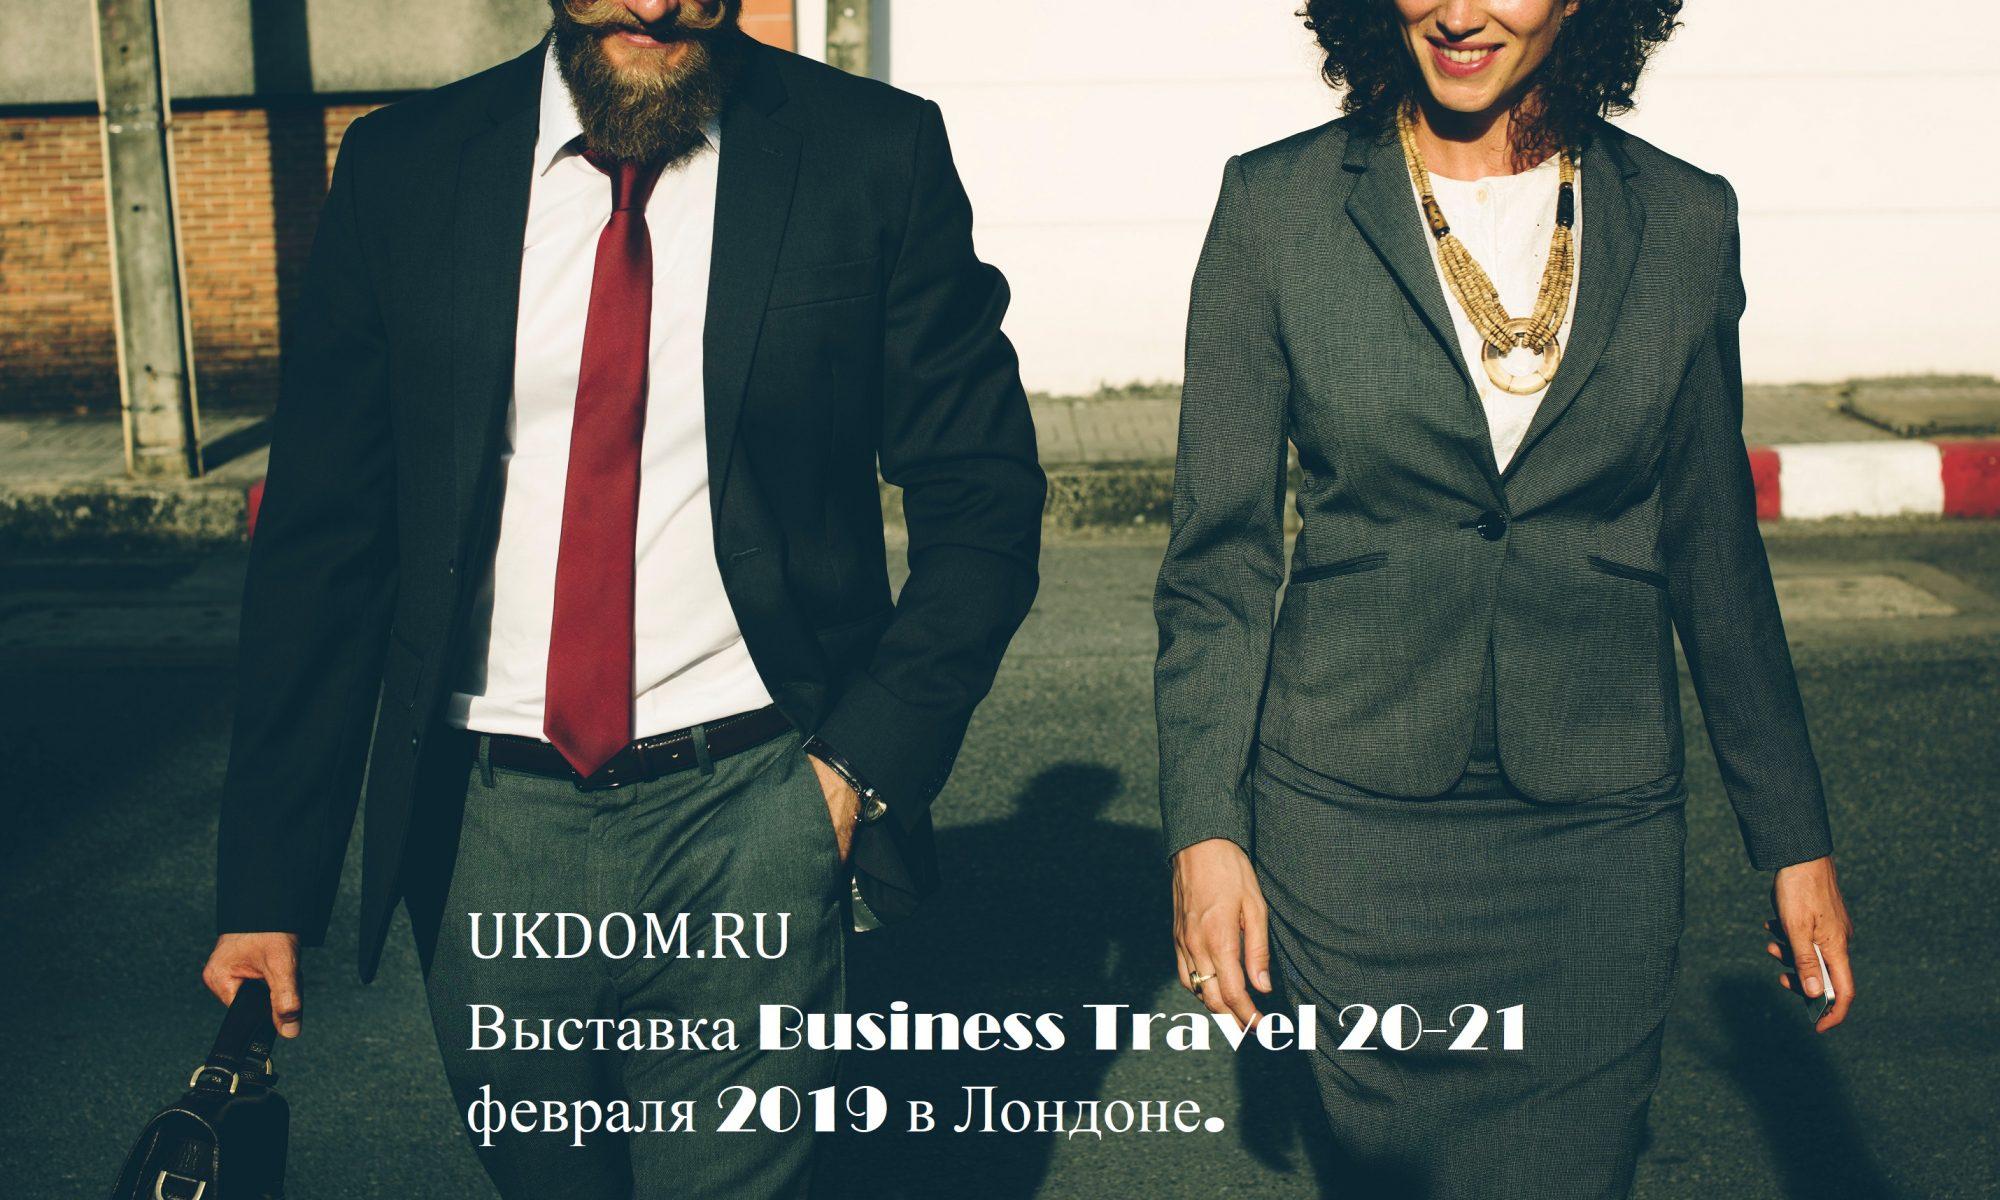 Консультант-Переводчик на Выставке Business Travel 20-21 февраля 2019 в Лондоне.